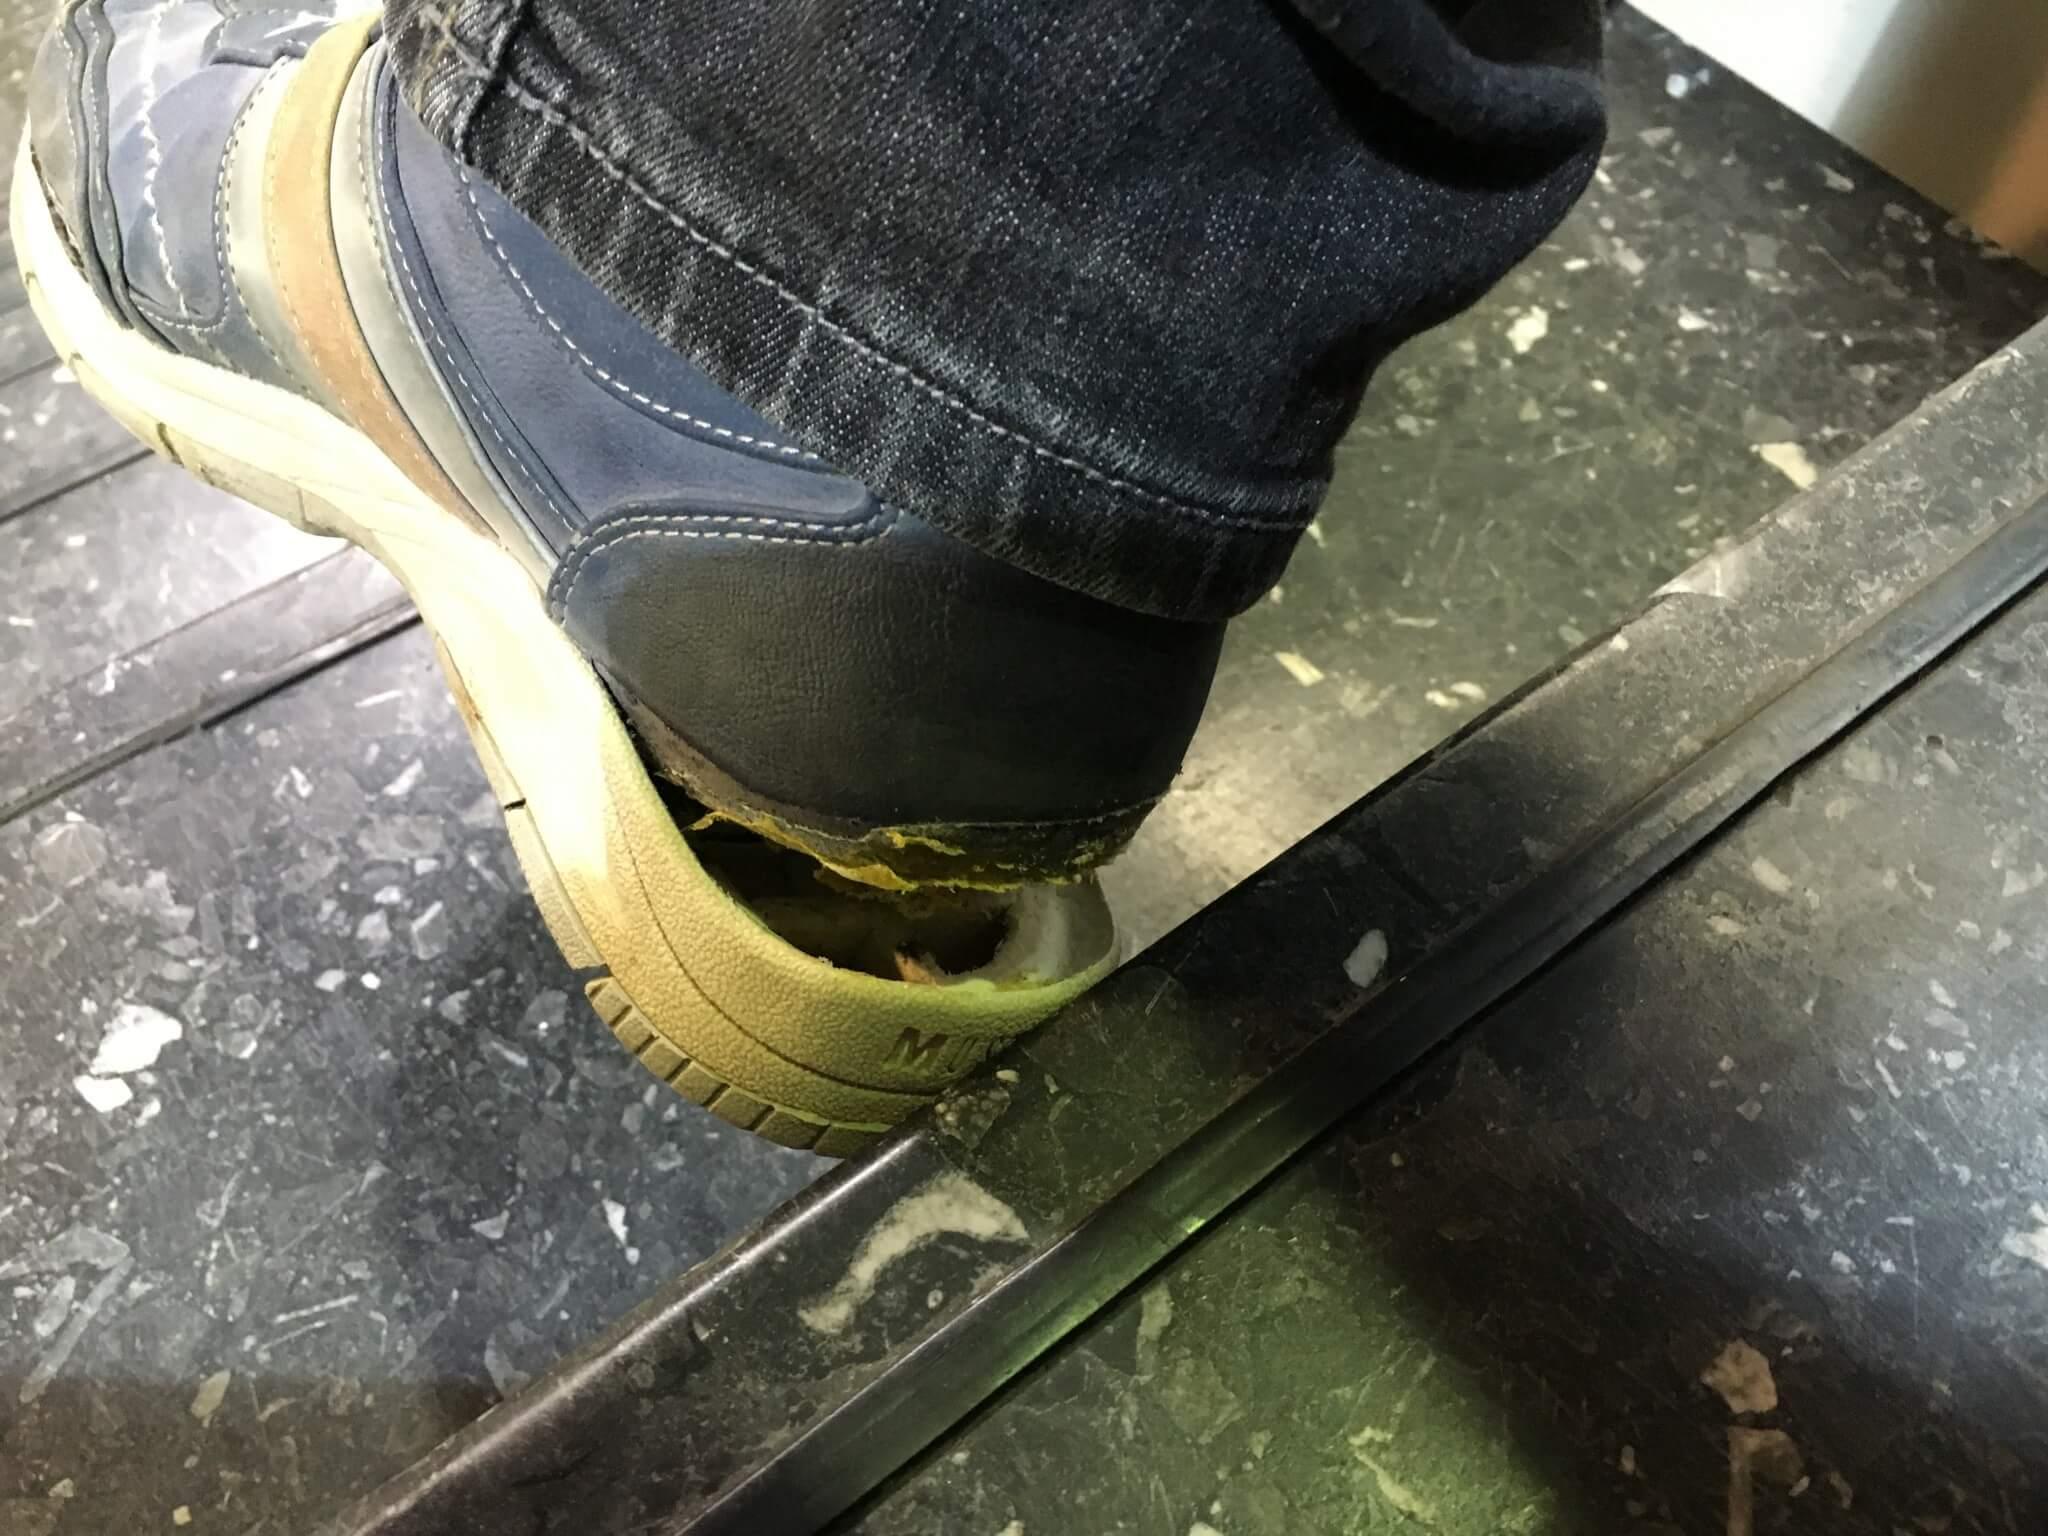 Gamescom 2016: Auf Messen immer bequemes Schuhwerk tragen